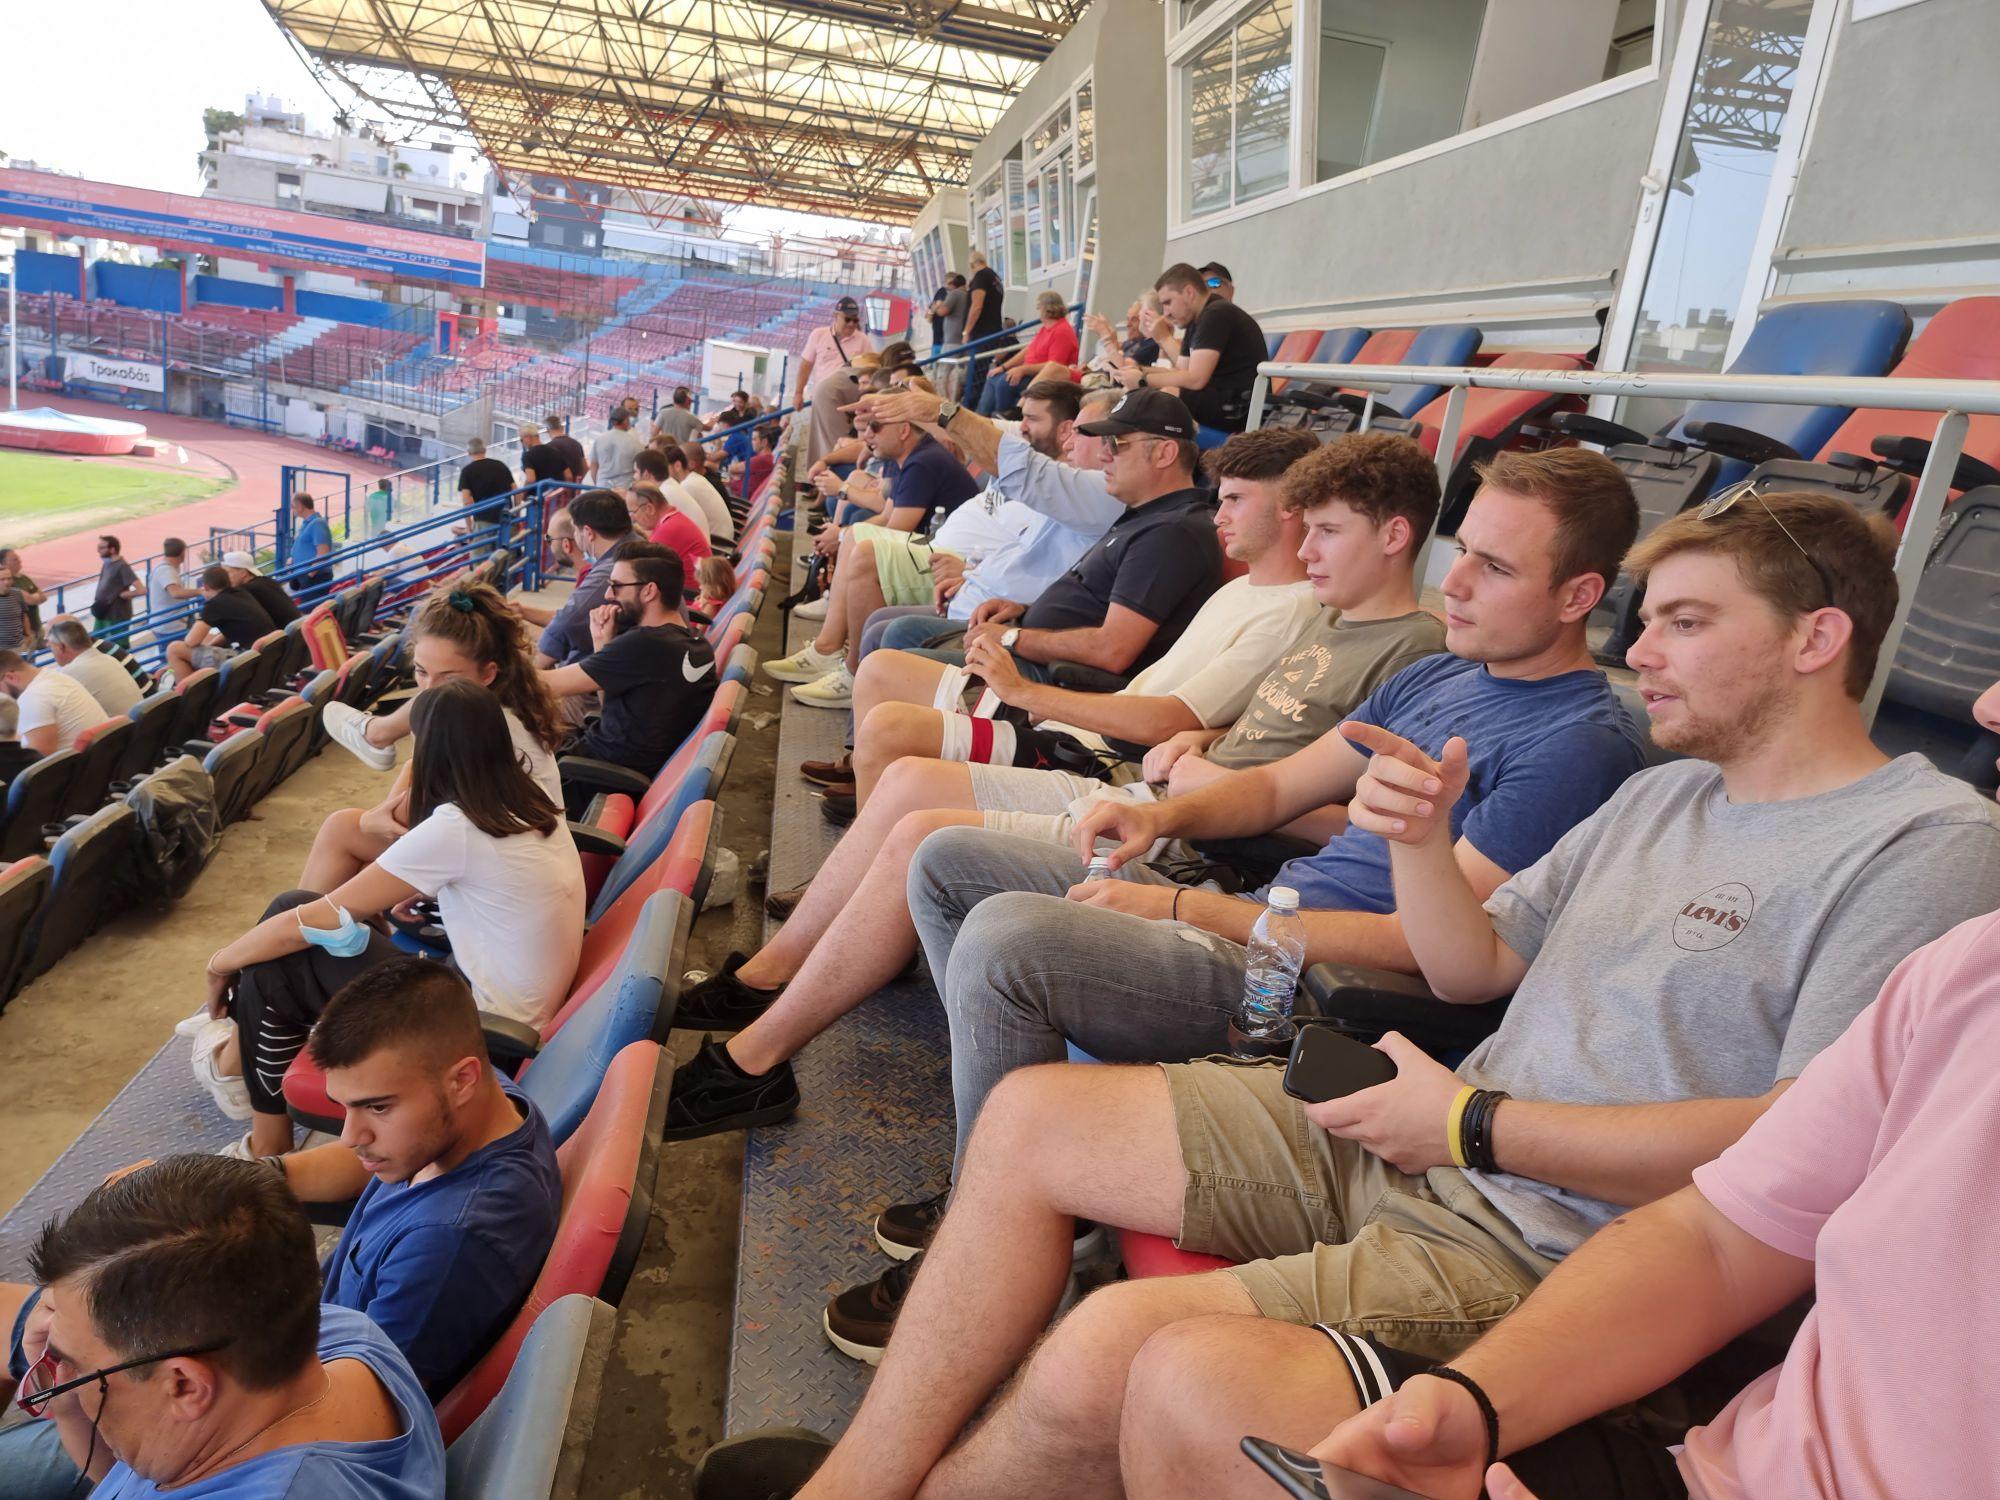 Πανιώνιος – Καλαμάτα 1-0: Φιλική ήττα στη Νέα Σμύρνη (photos)